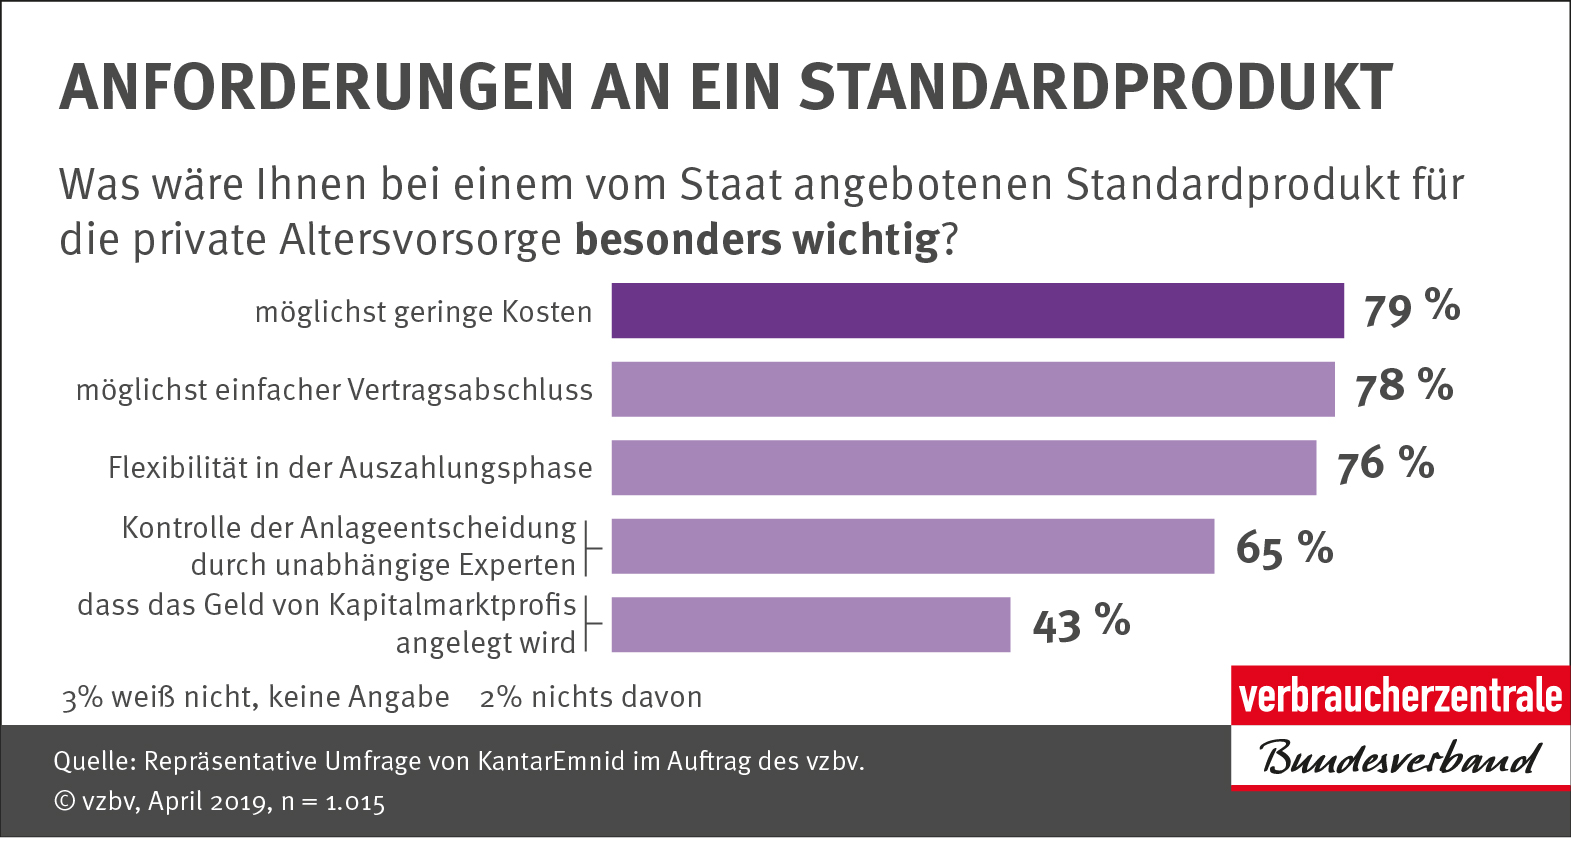 Infografik: Anforderungen an ein Standardprodukt_Verbraucherzentrale Bundesverband e.V.